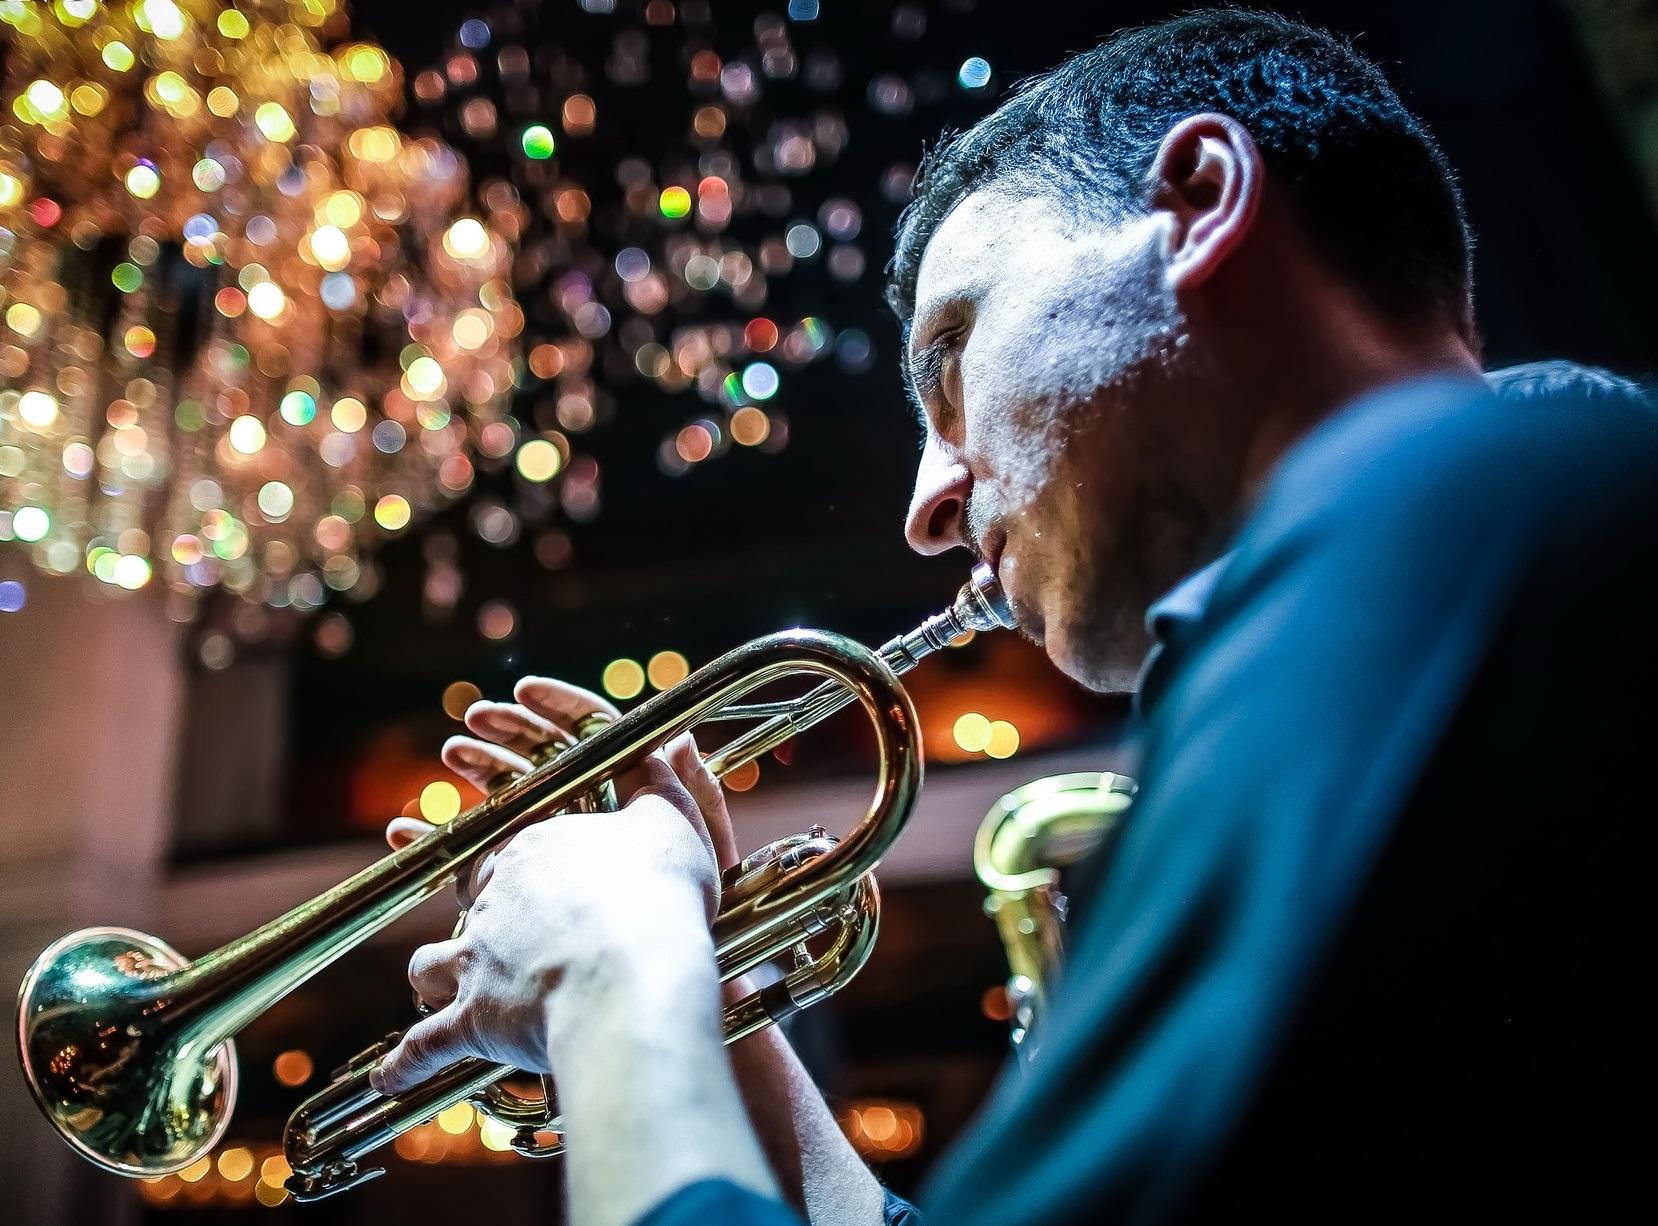 джаз джем эвергрины классика джаза трубач Петр Востоков инструментальная музыка отличное настроение живой звук драйв бесплатный концерт в Москве